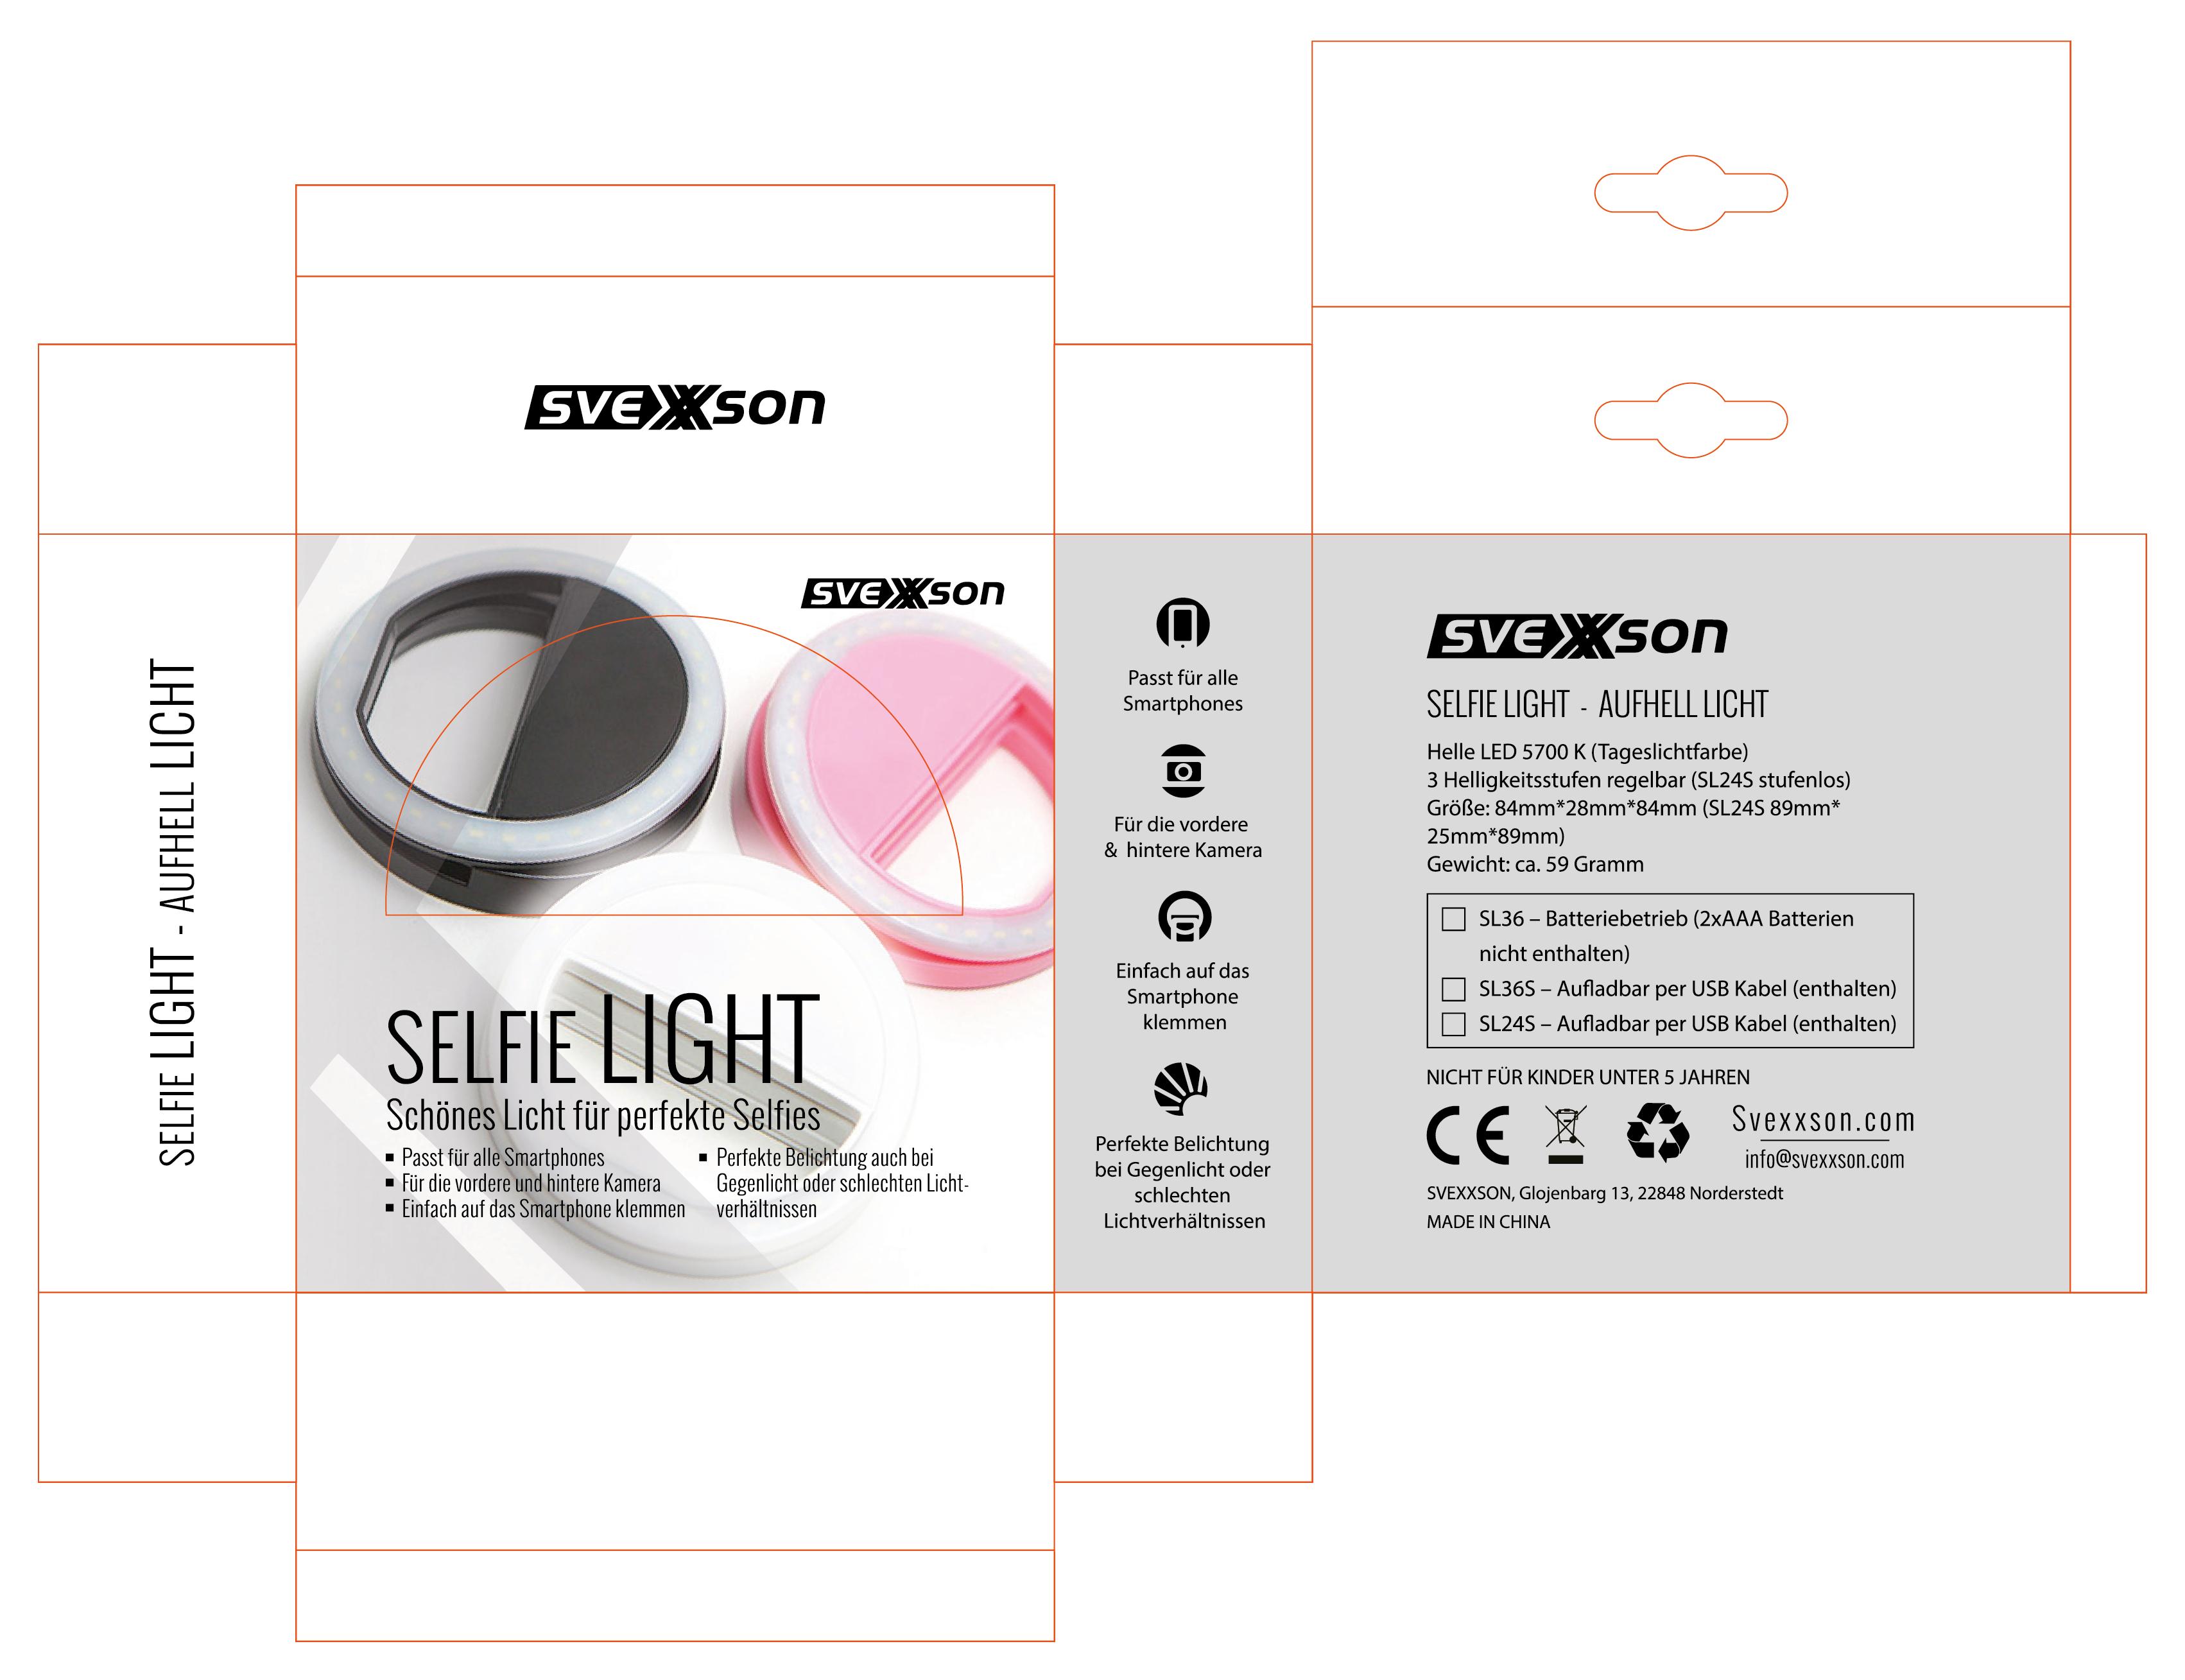 Verpackungsdesign für Selfie Lights und weitere